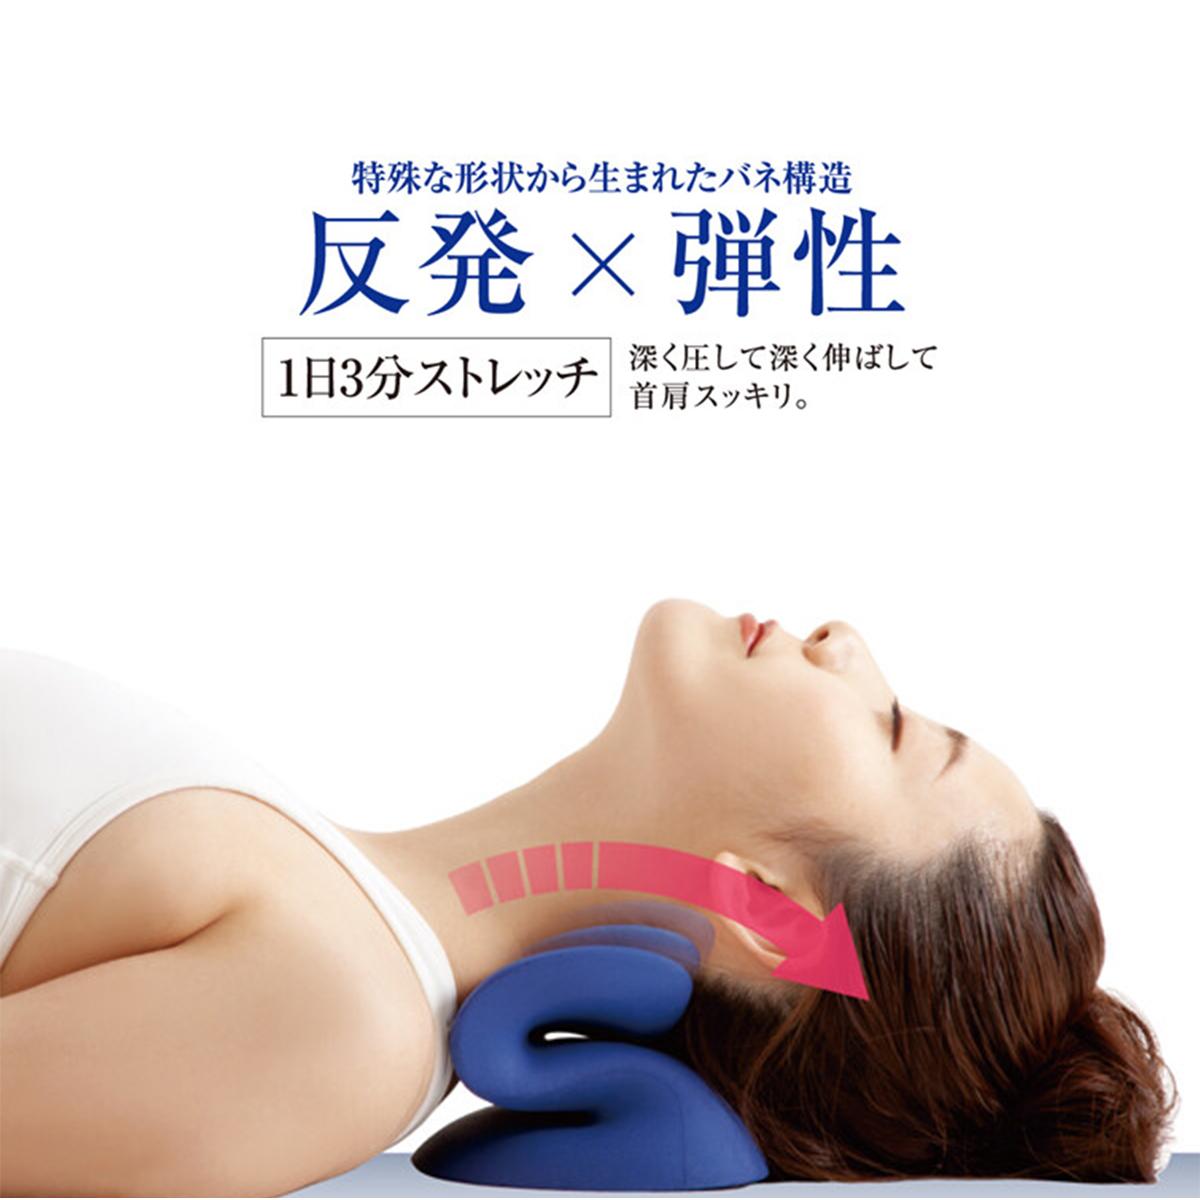 反発×弾性特殊な形状から生まれたバネ構造 適度な柔らかさと弾力のある素材 特殊な形状によって生まれるクッション性 肩こりやPC作業疲れなど 2020モデル ネックストレッチャー 頸律 けいりつ 首筋のばし ストレートネック 寝るだけ ほぐし マッサージ 指圧 父の日 首痛 首筋ストレッチ 全国どこでも送料無料 花以外 首枕 頸椎 テレワーク頭痛 プレゼント ギフト 解消 ヘルニア 肩こり